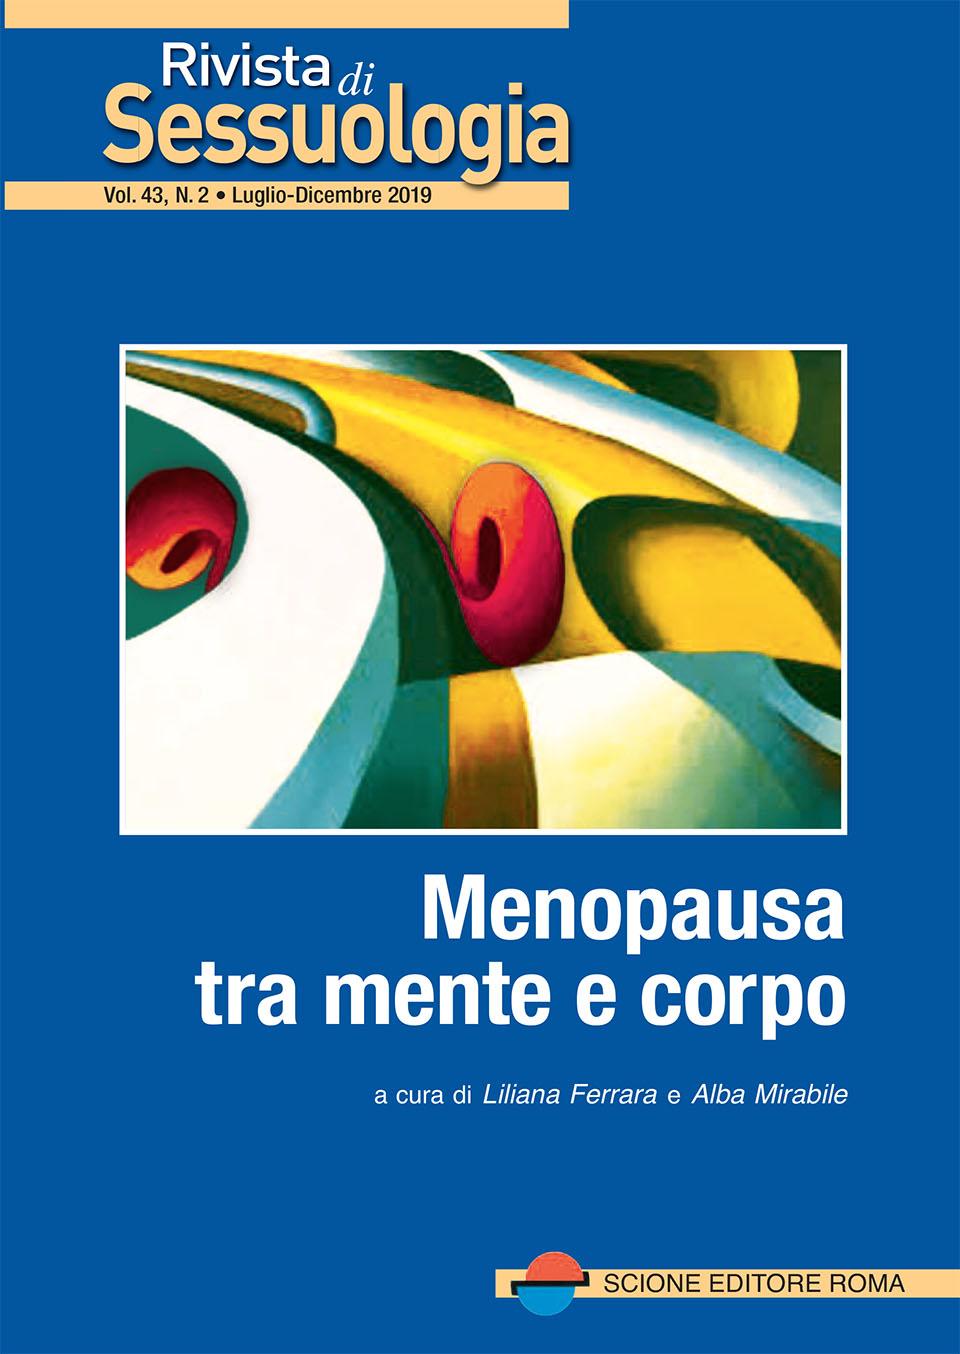 Menopausa: tra mente e corpo - Rivista di Sessuologia CIS